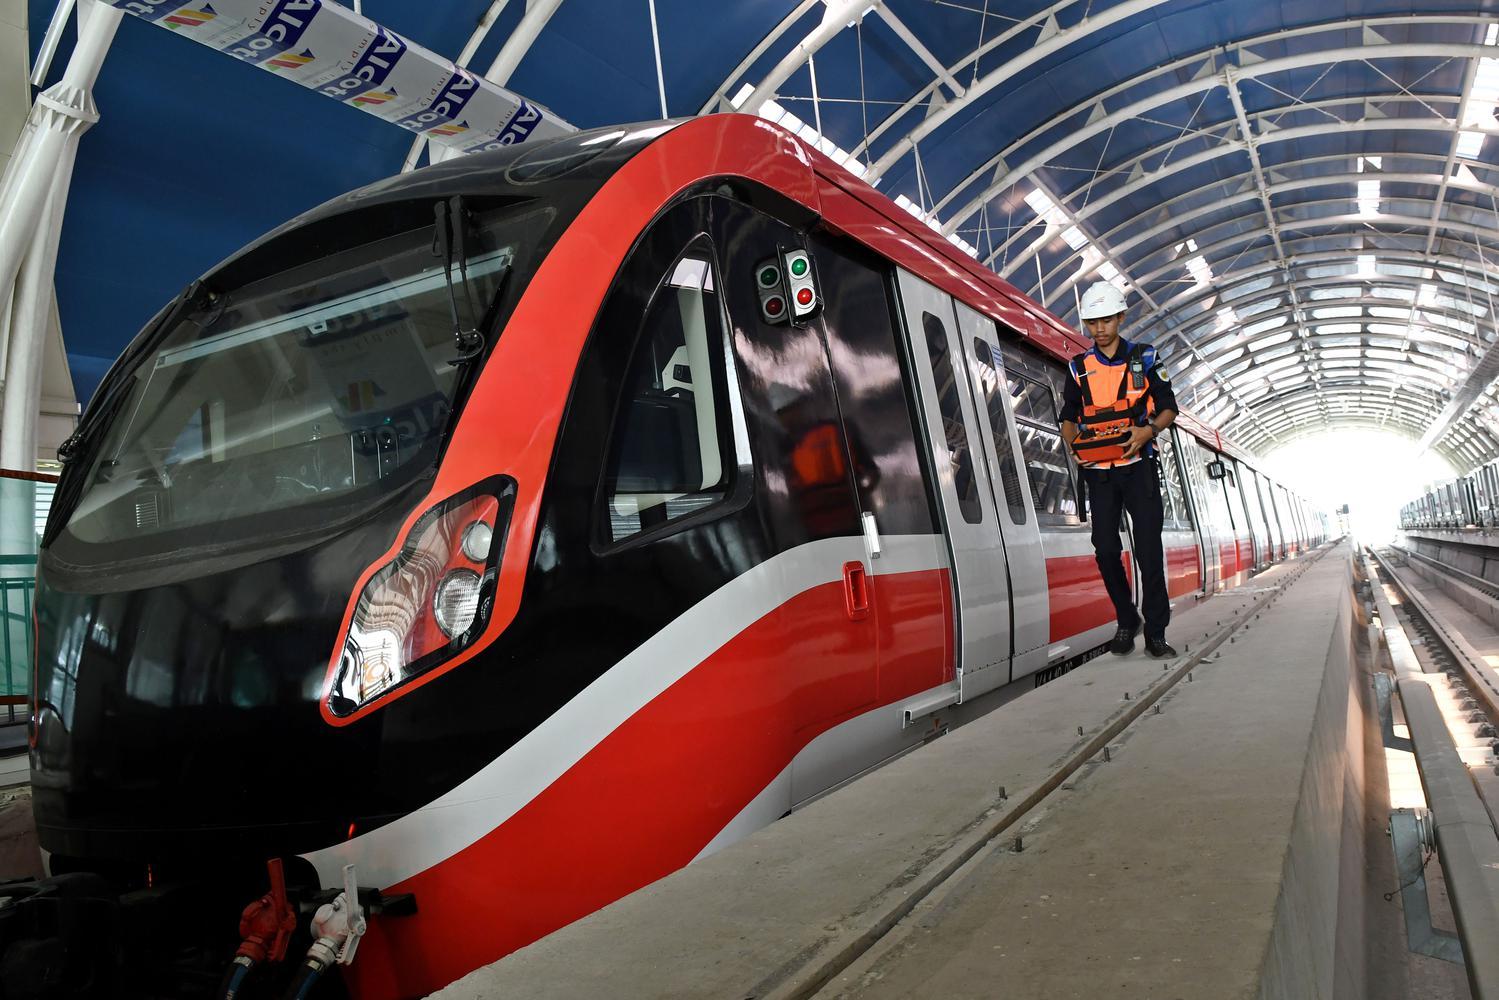 Petugas melintasi gerbong kereta 'light rail train' atau lintas rel terpadu (LRT) di Stasiun Harjamukti, Cimanggis, Kota Depok, Jawa Barat, Rabu (4/12/2019). Pemerintah menargetkan LRT Jabodebek koridor Cibubur-Dukuh Atas dapat beroperasi pada 2021